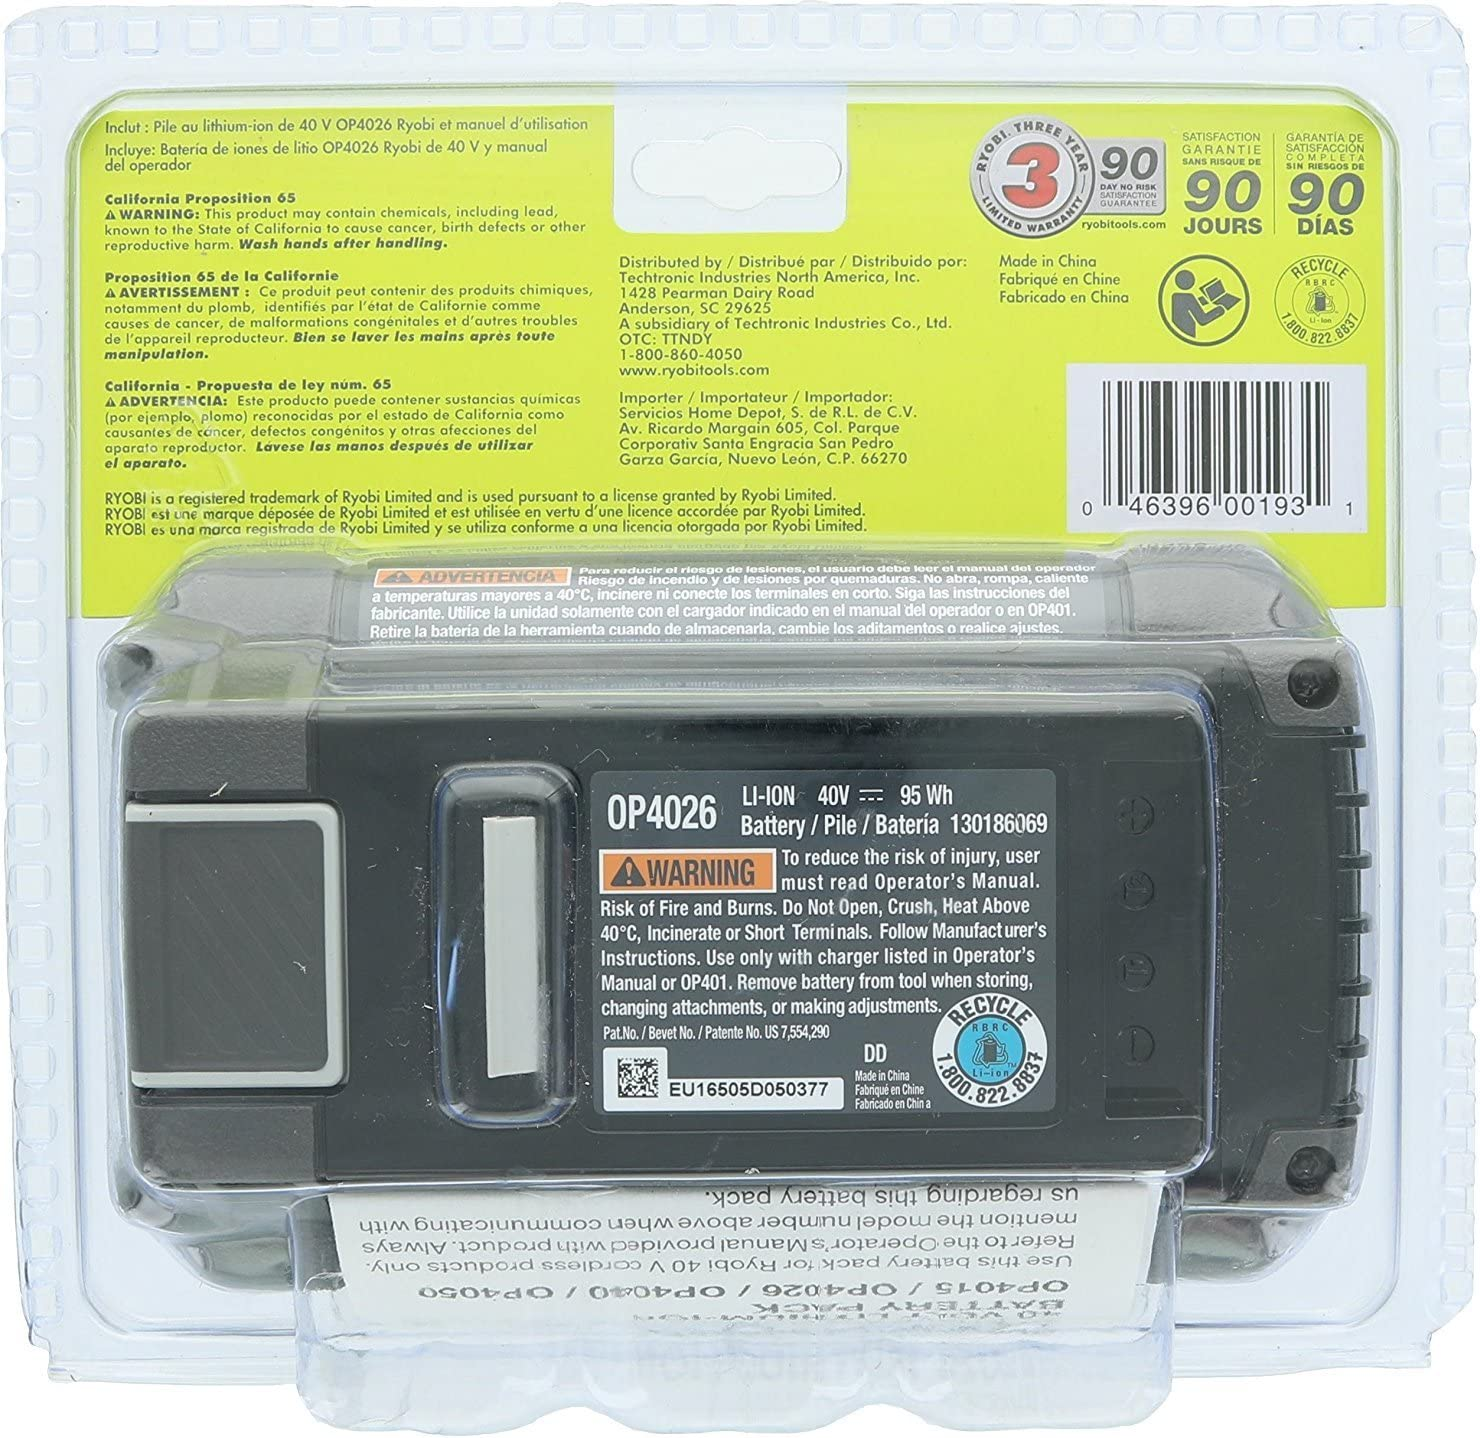 Amazon.com: Ryobi OP4026 A Original de OEM 40 V batería de ...